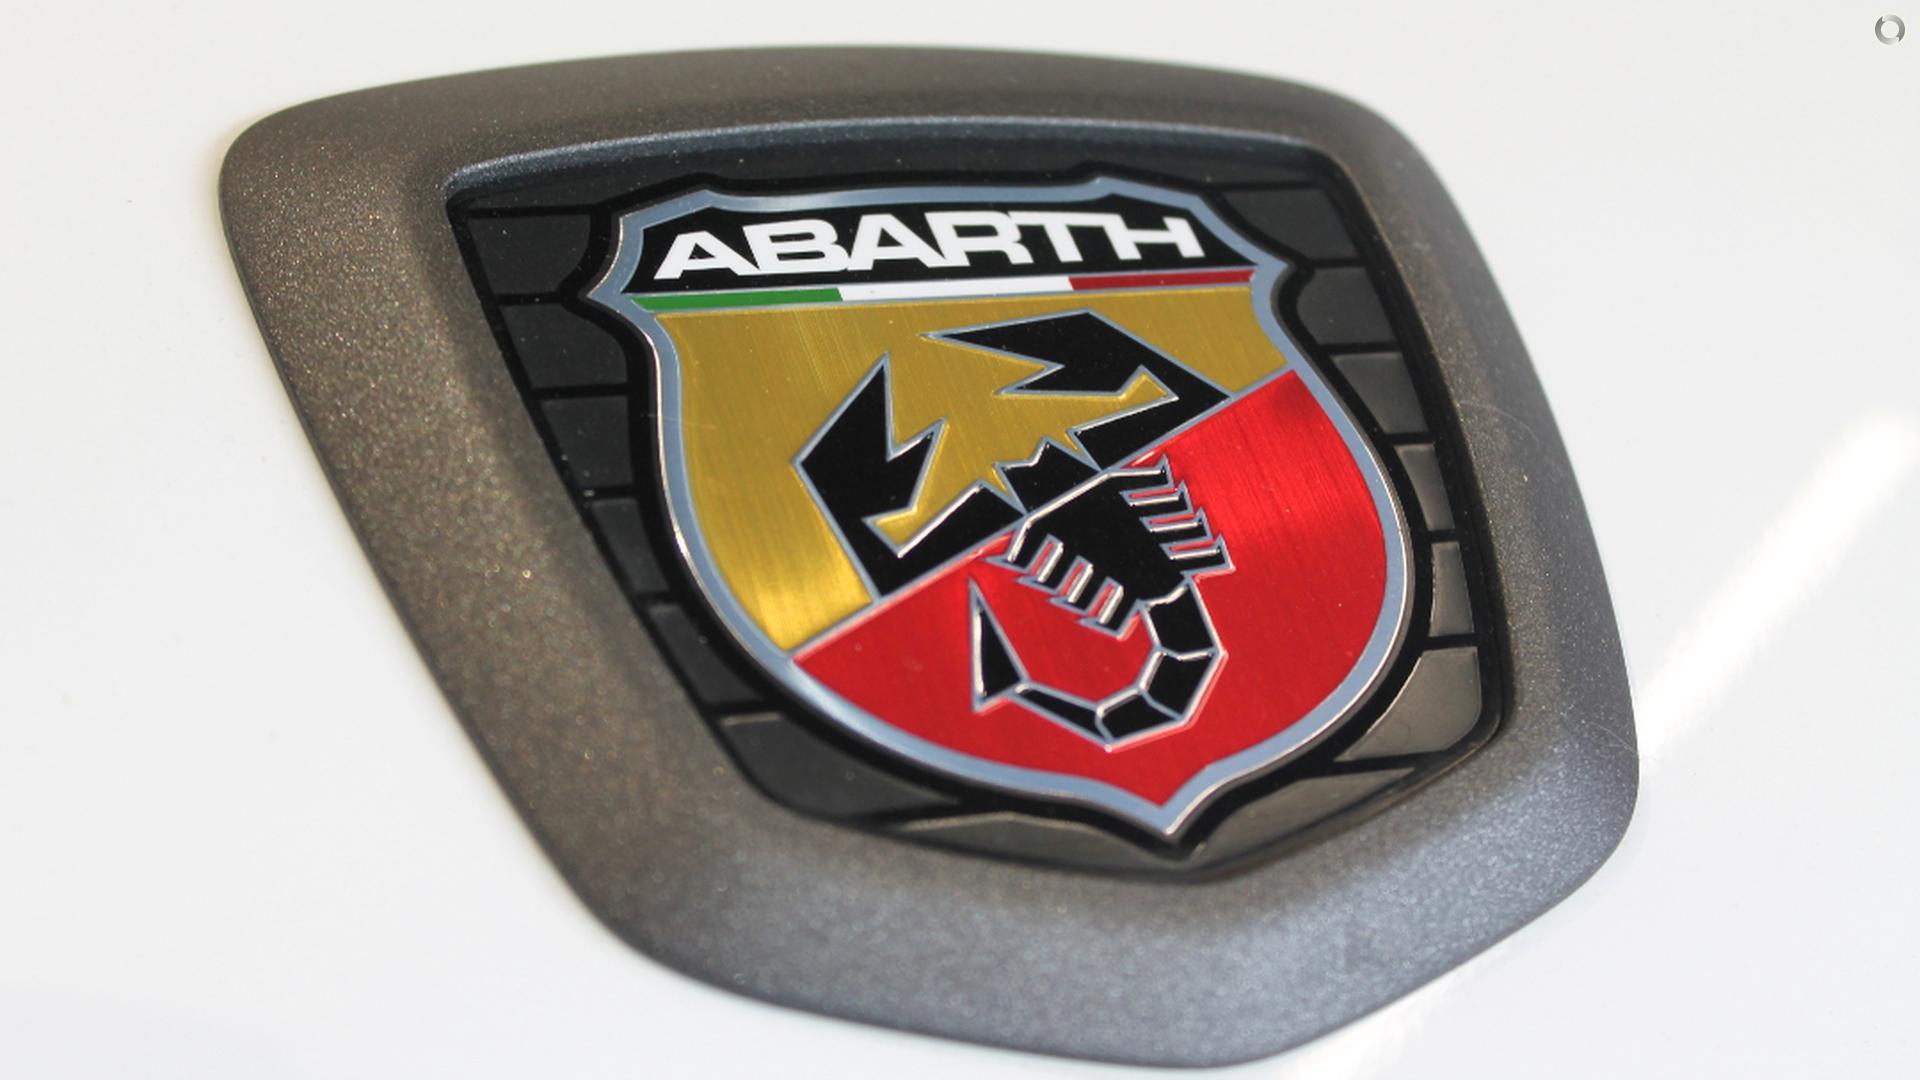 2018 Abarth 124 Spider 348 Series 1